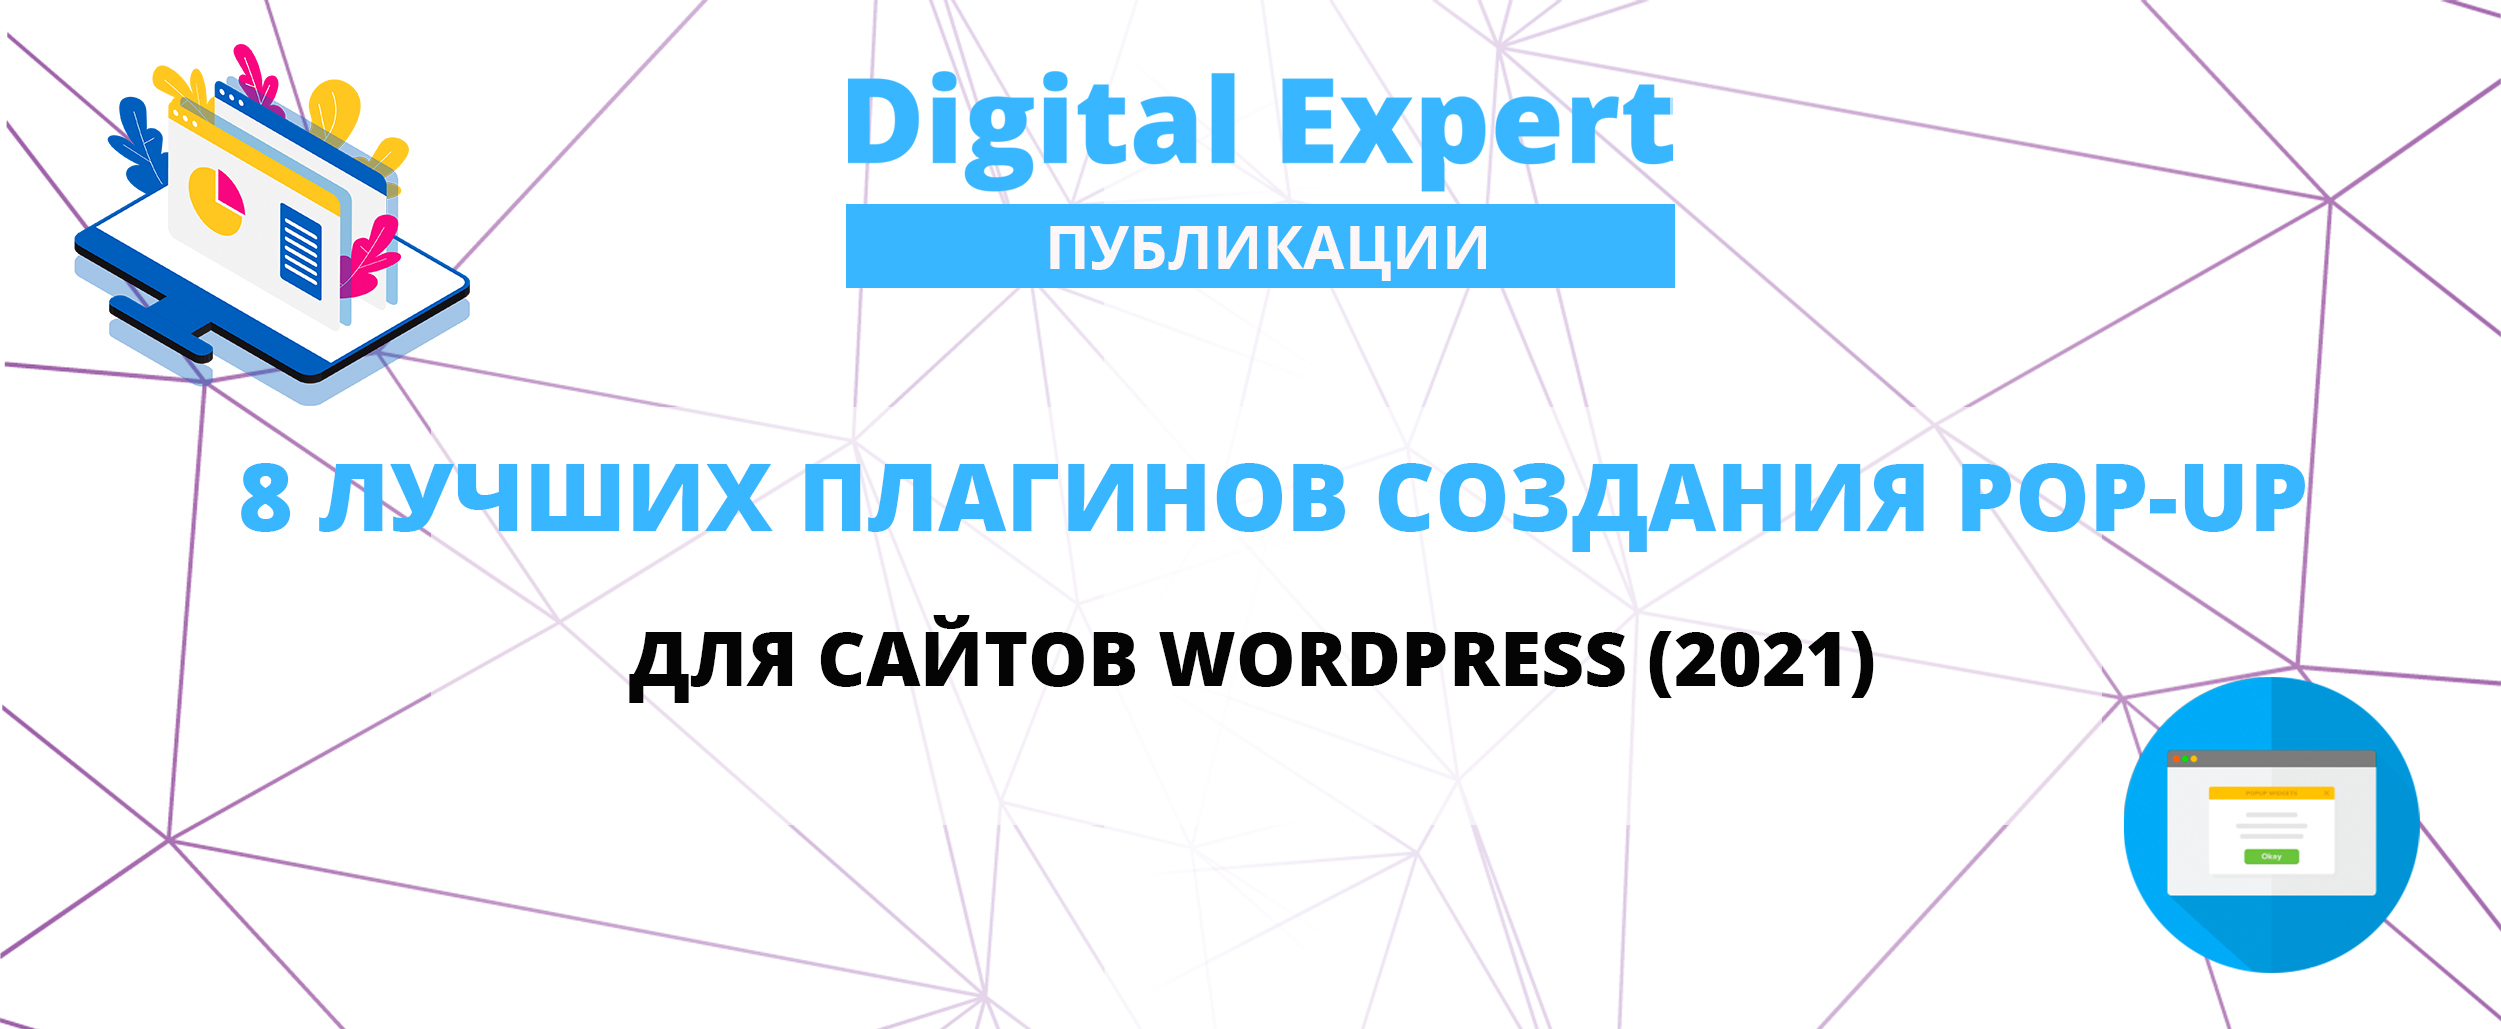 Лучшие плагины pop-up для сайтов Wordpress